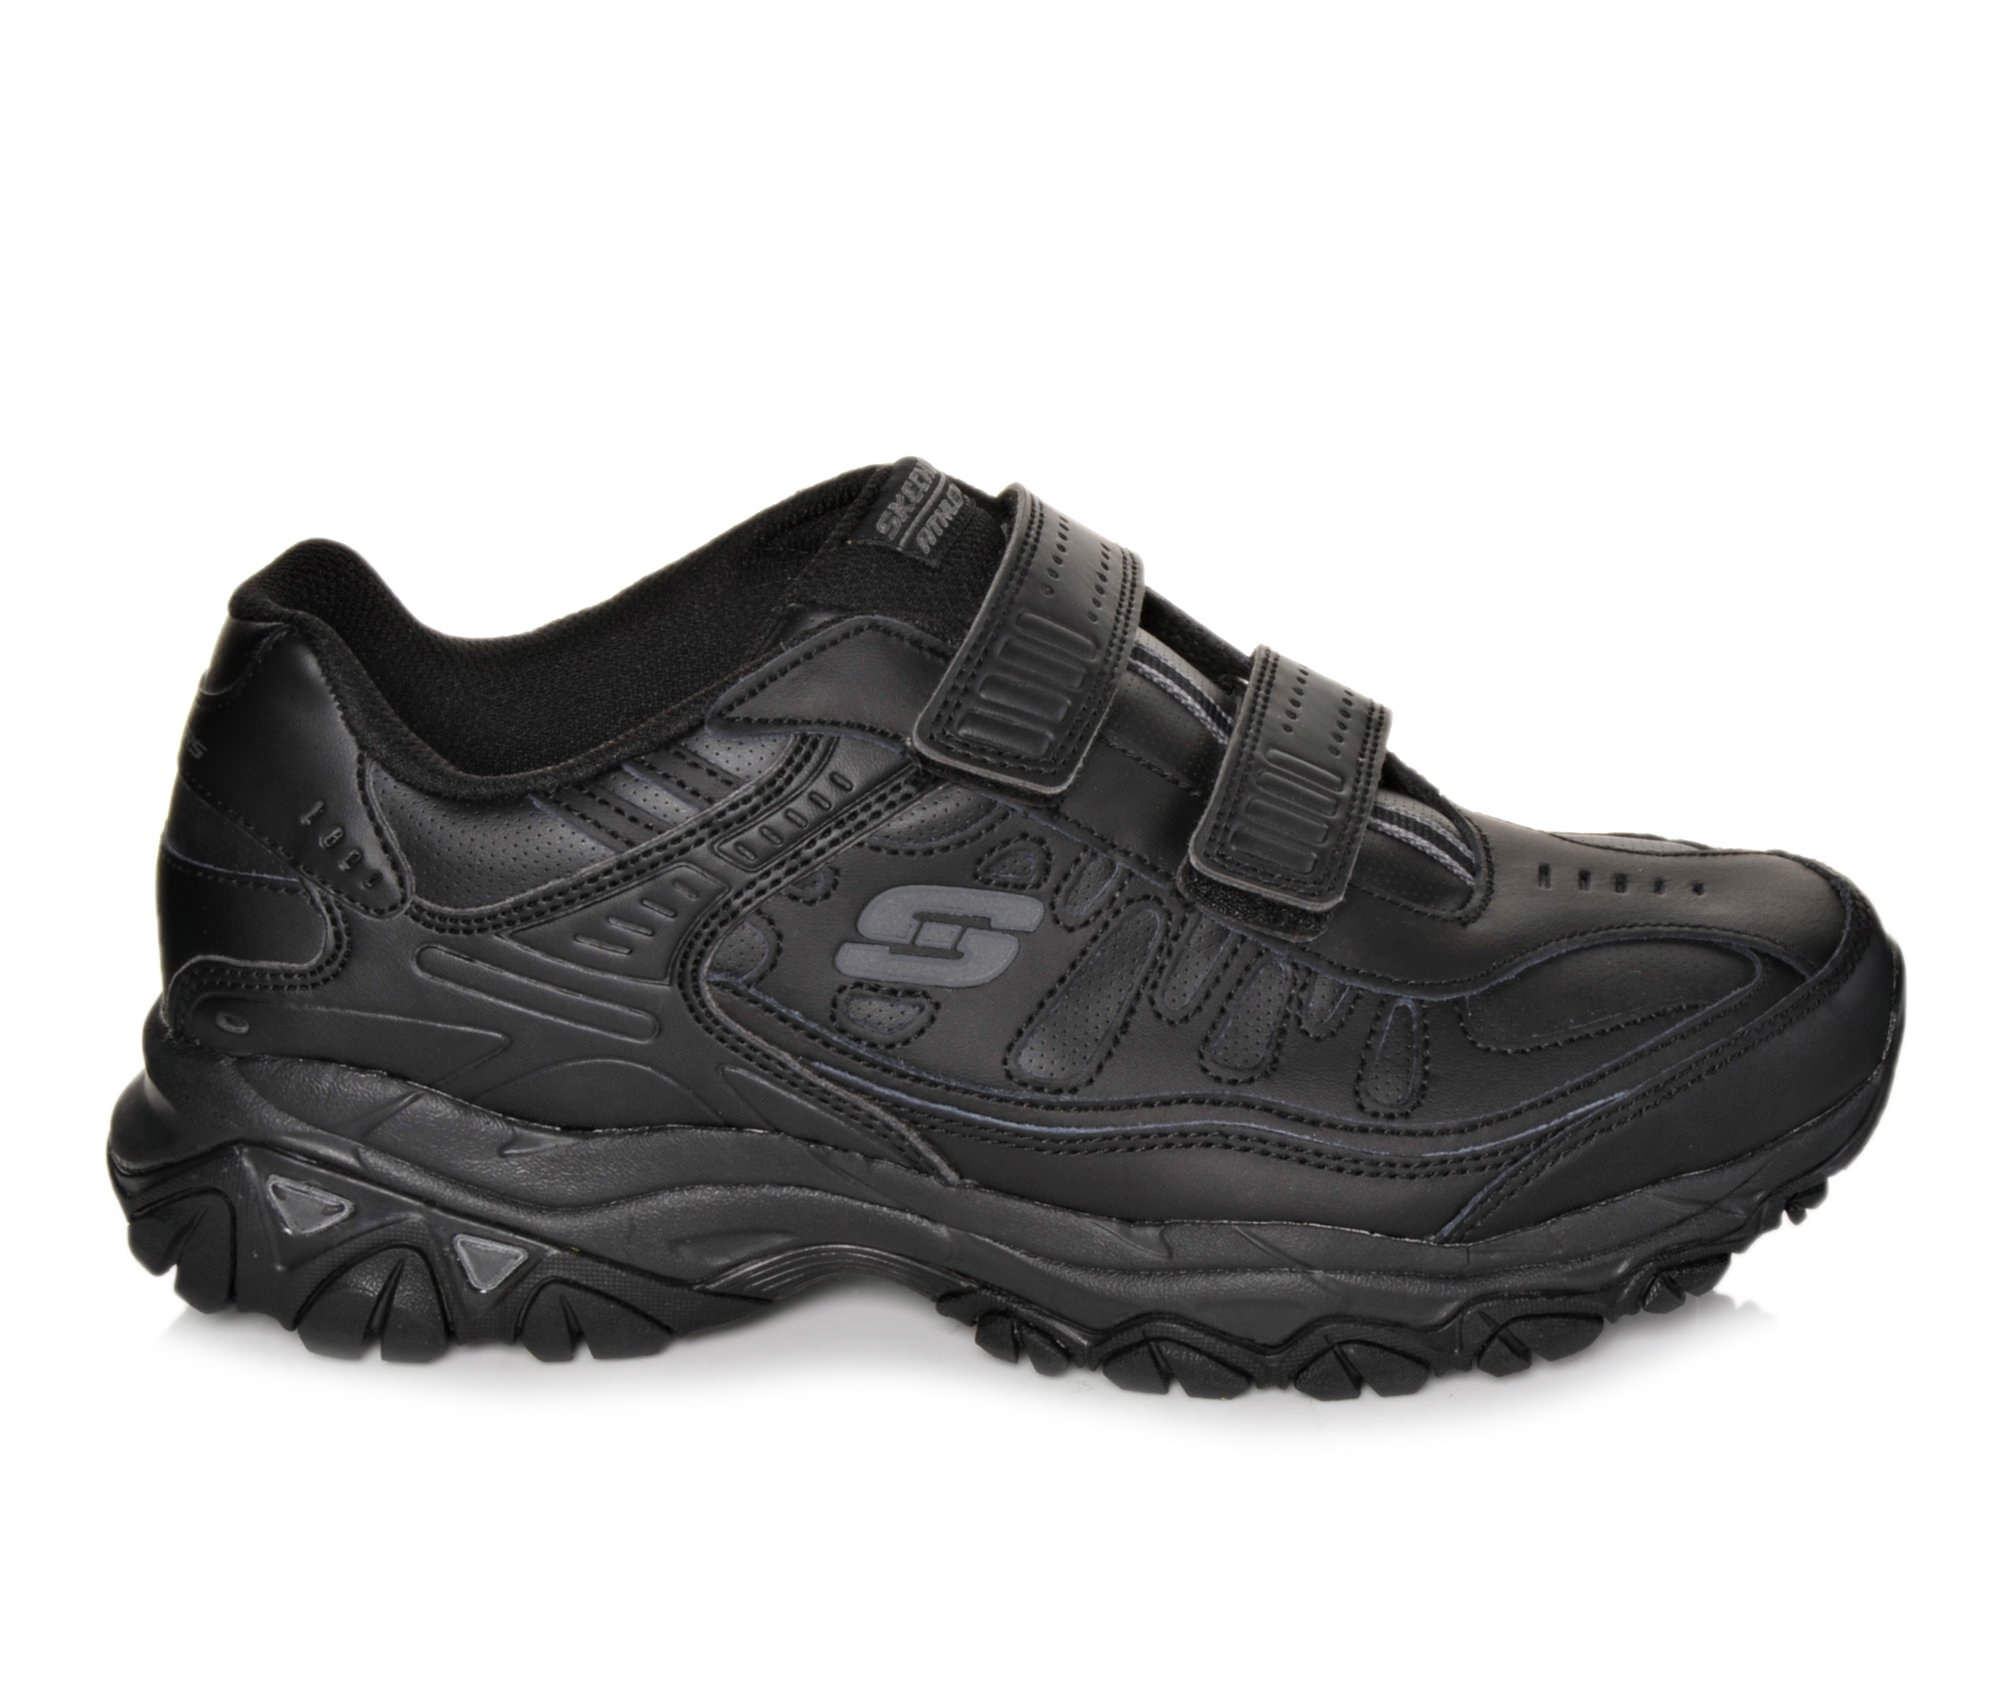 Men's Skechers Final Cut 50121 Walking Shoes